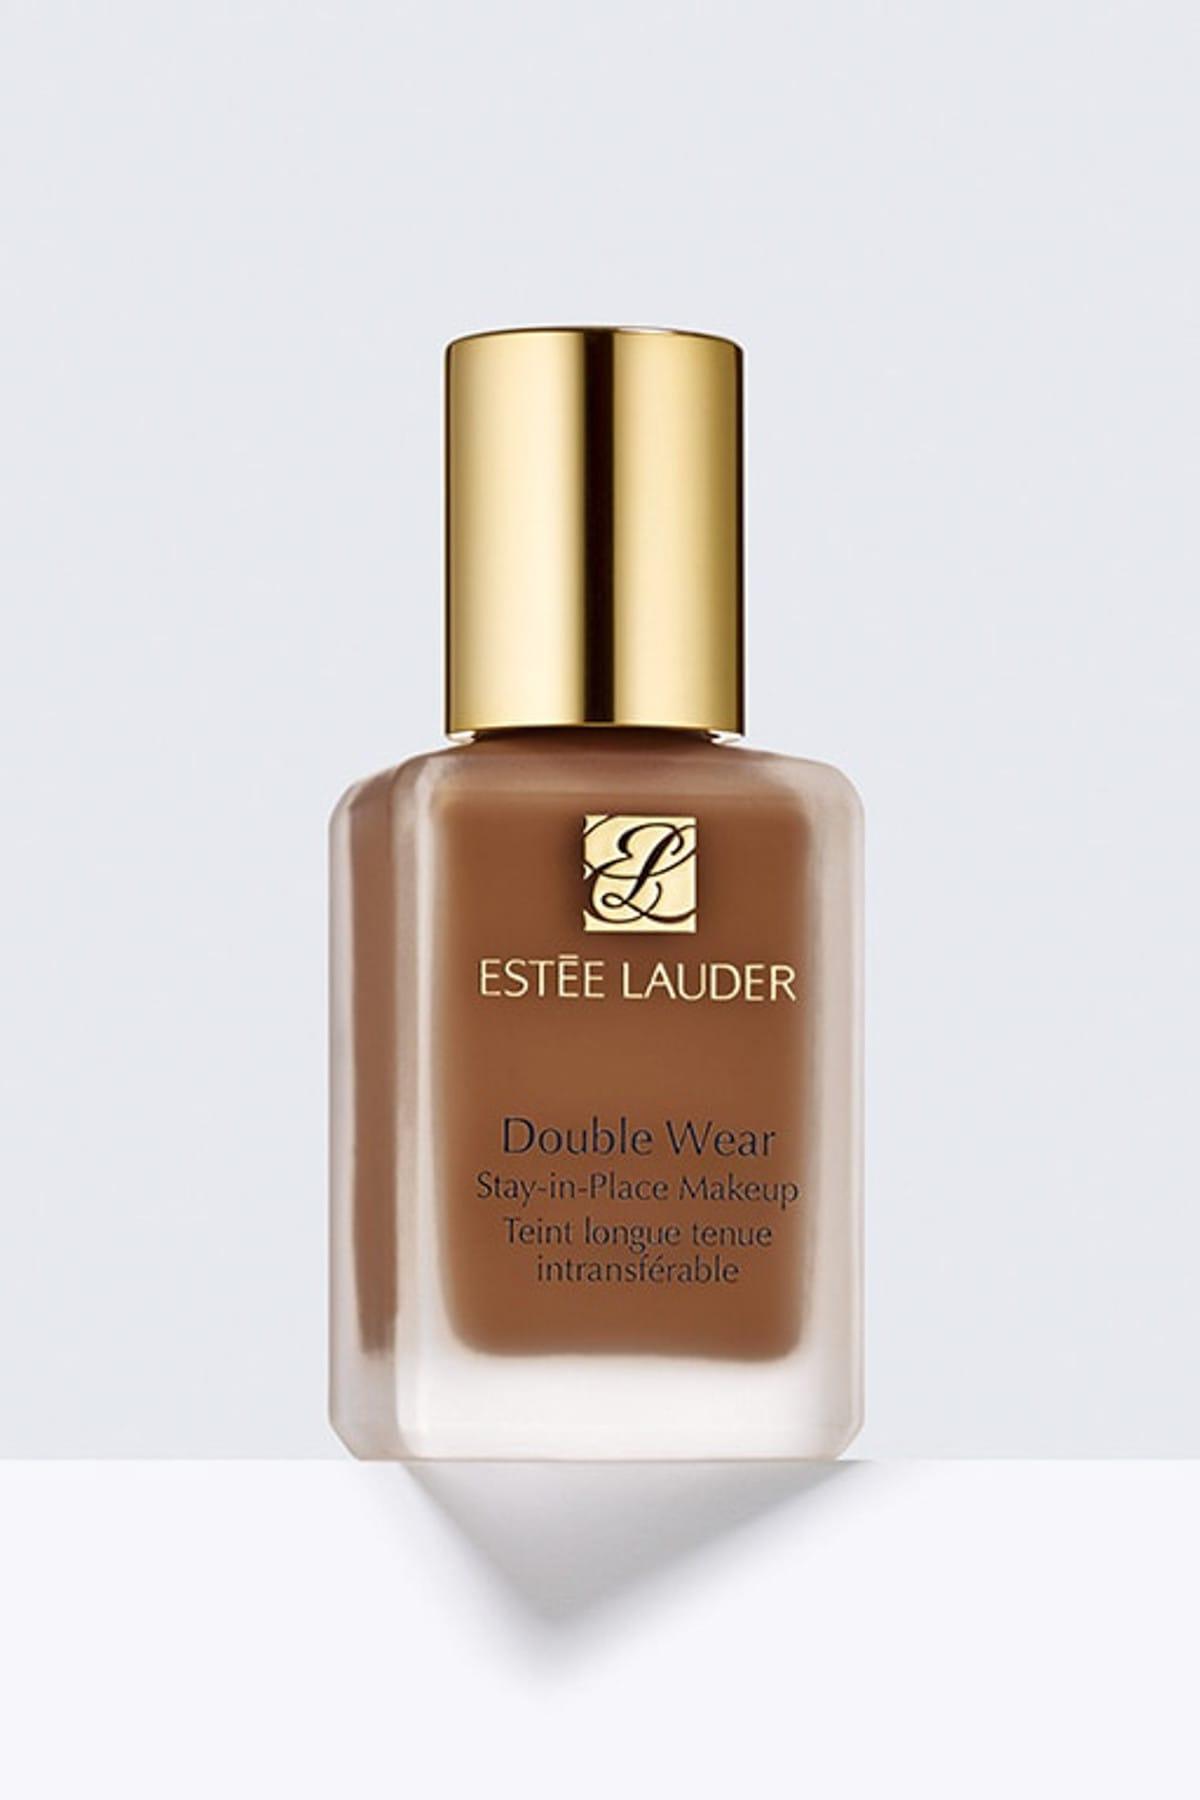 Estee Lauder Fondöten - Double Wear Foundation S.I.P Spf 10 6N1 Mocha 30 ml 887167178014 1